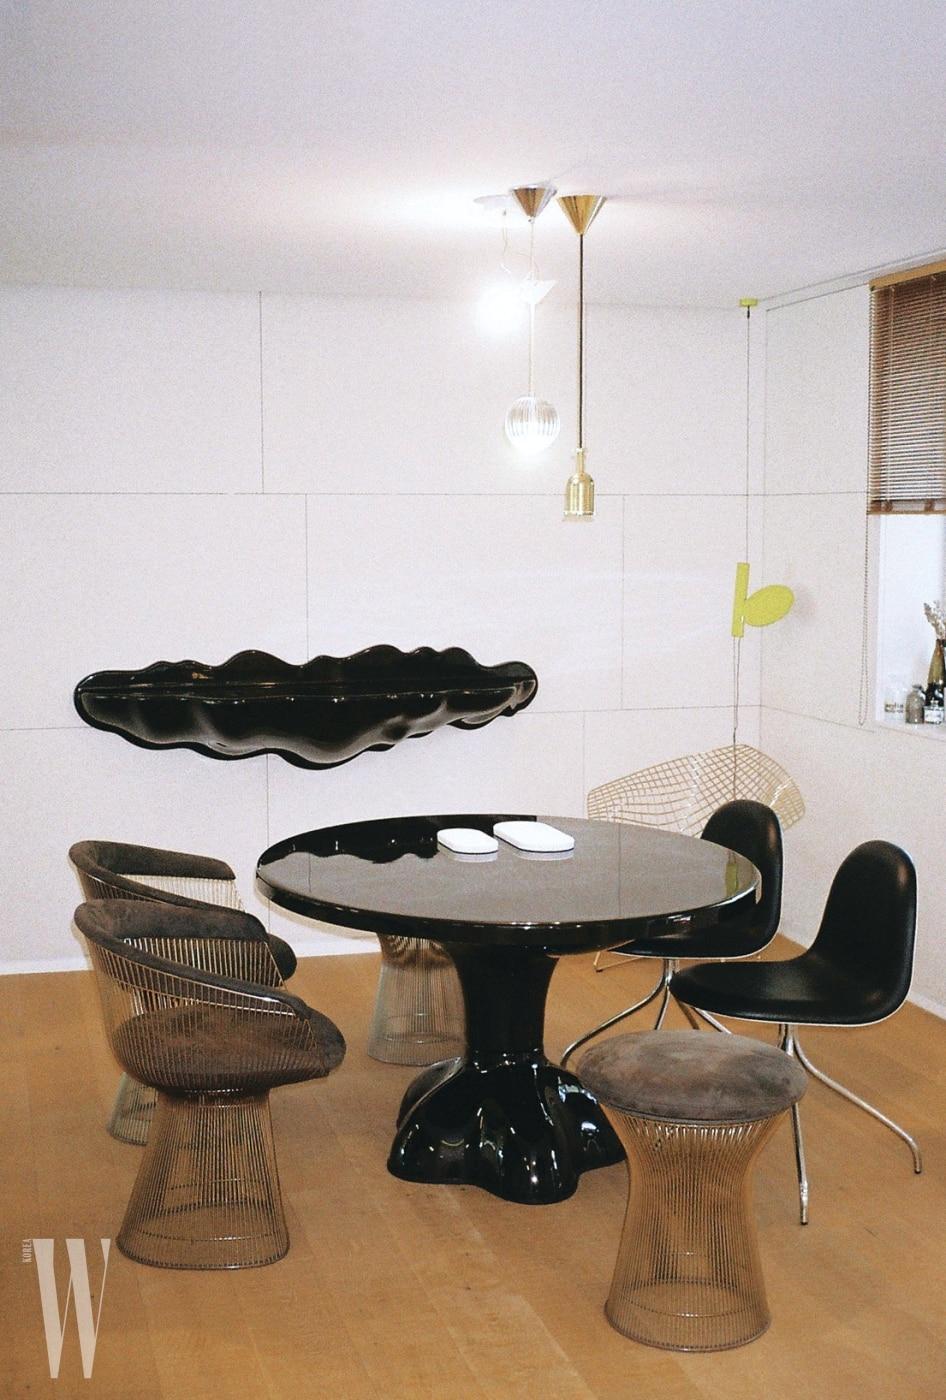 가장 아끼는 가구 중 하나인 아트 가구 디자이너 웬델 캐슬의 테이블. 벽에 걸려 있는 선반과 세트로, 하나의 아트 피스를 방불케 한다. 뇰의 플래트너 암체어와 스툴을 함께 놓았다.